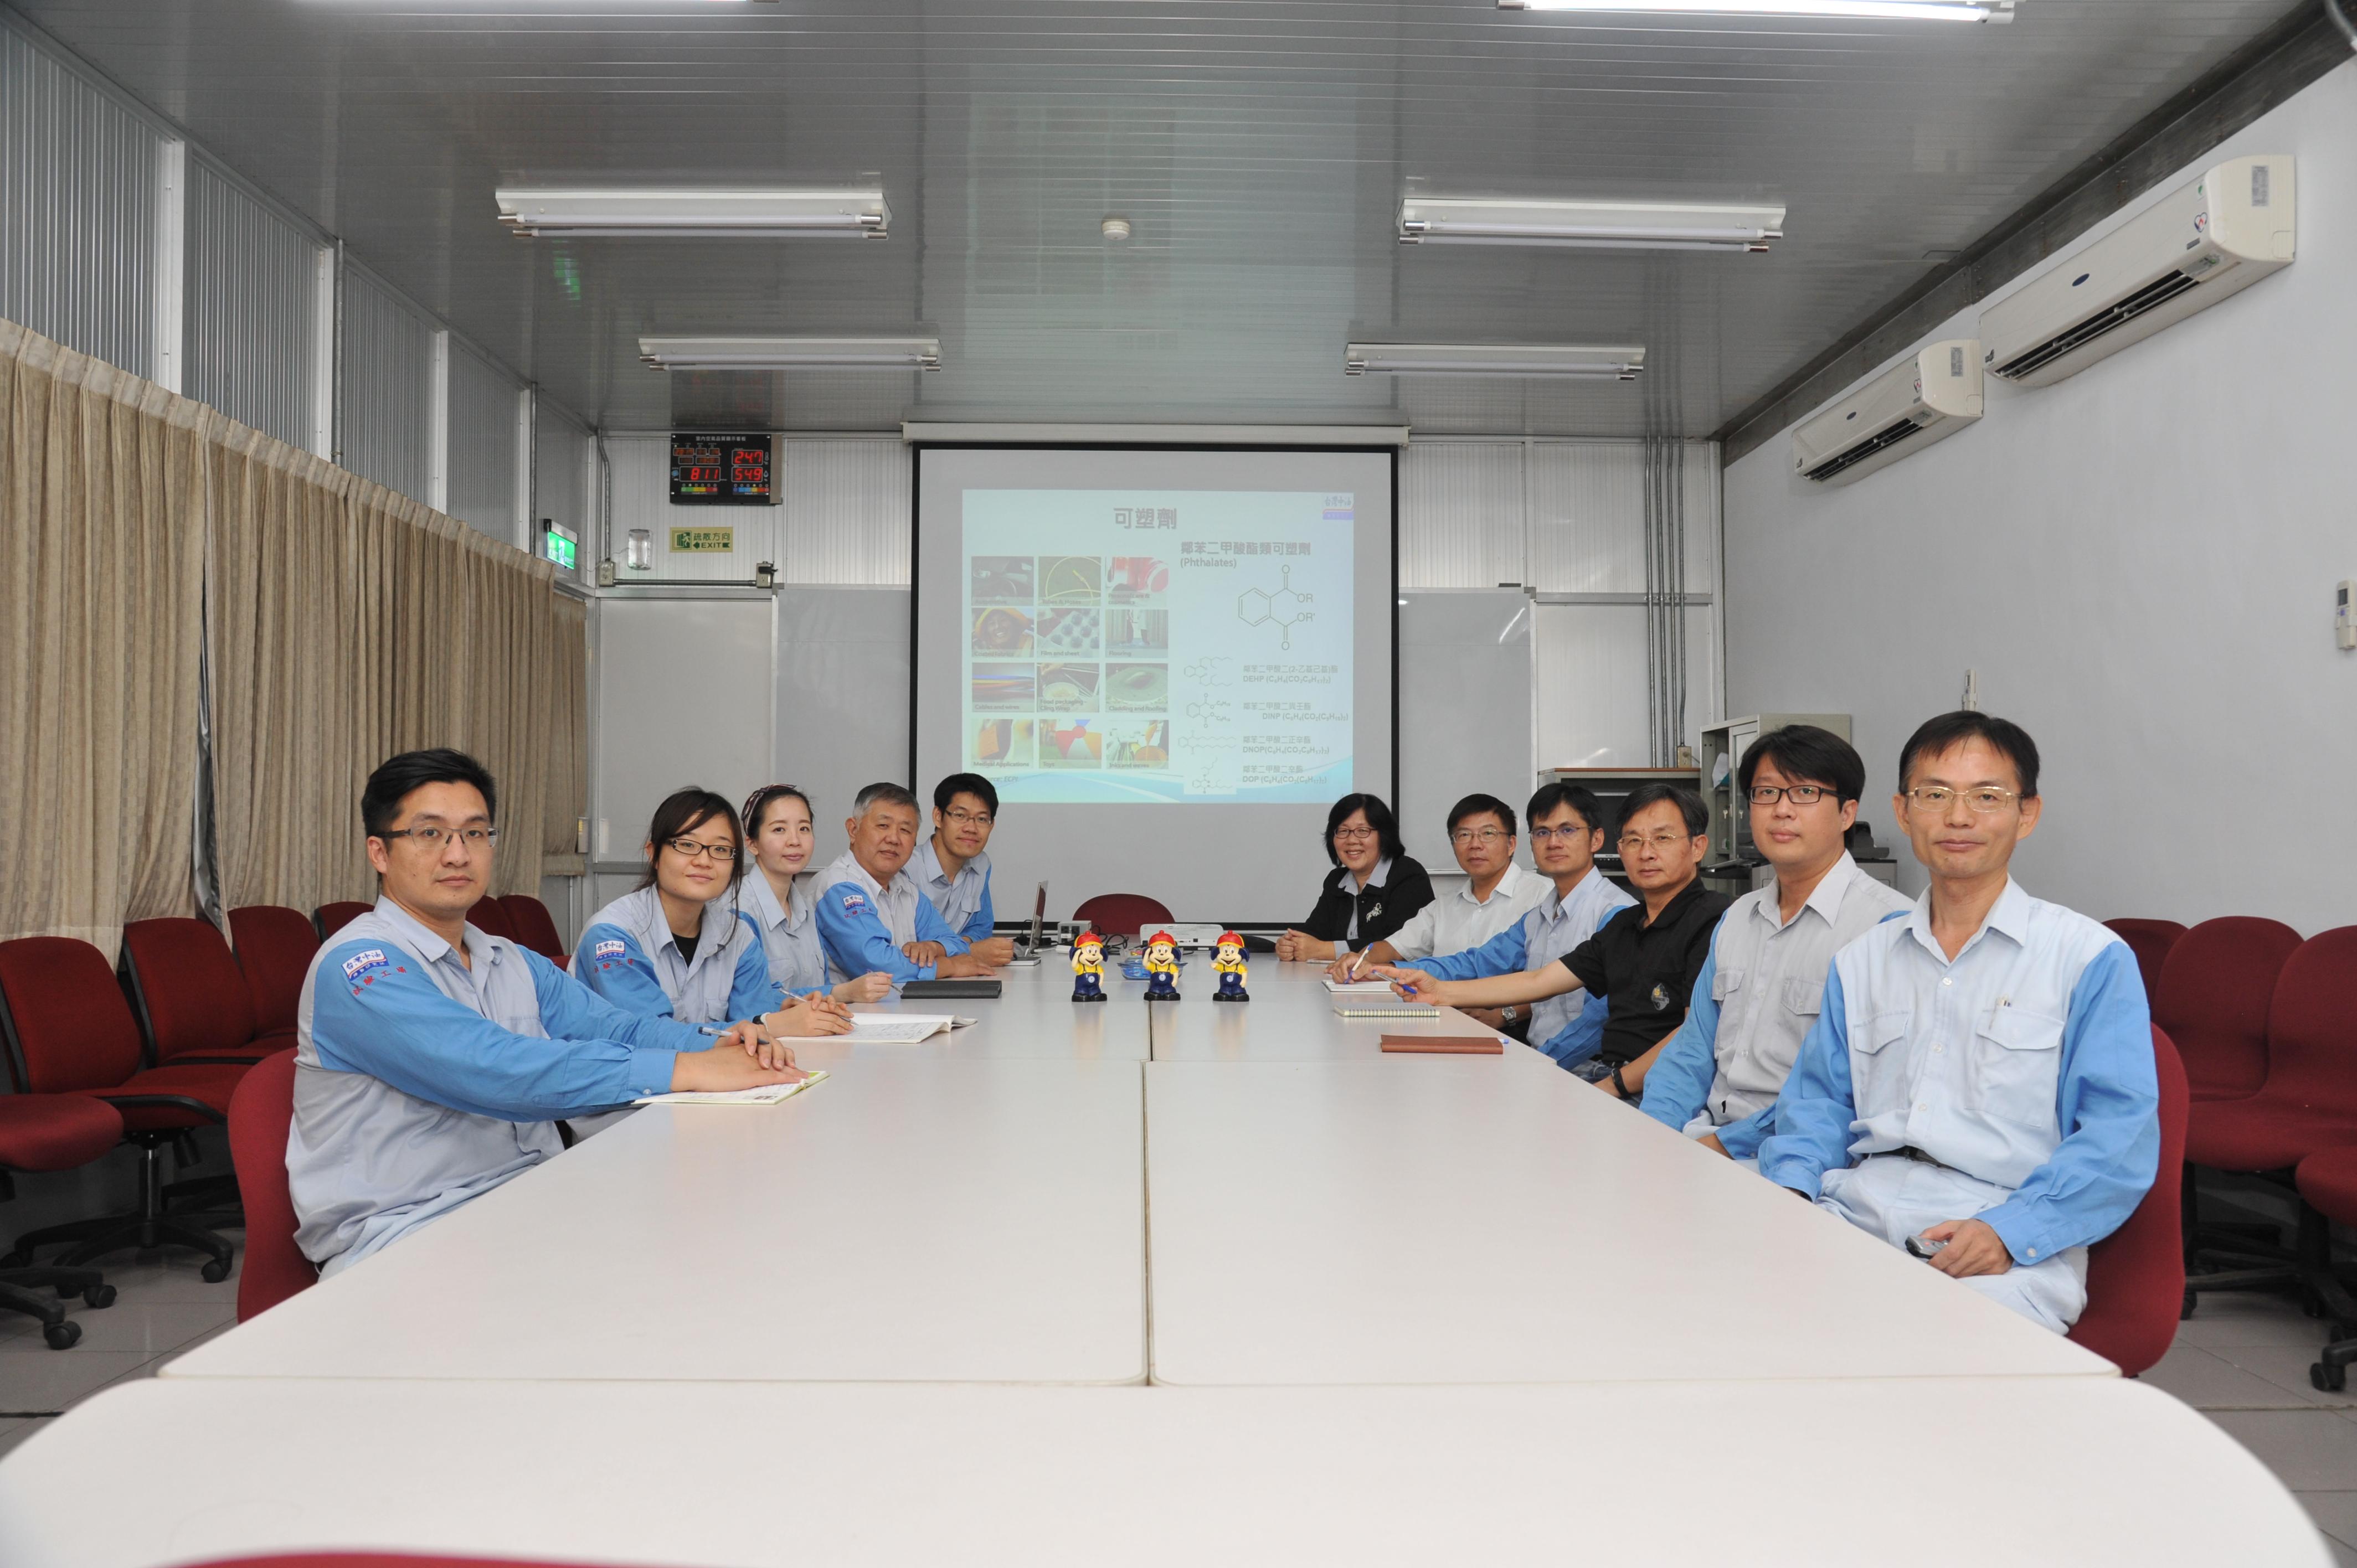 研究團隊會議室討論後合照